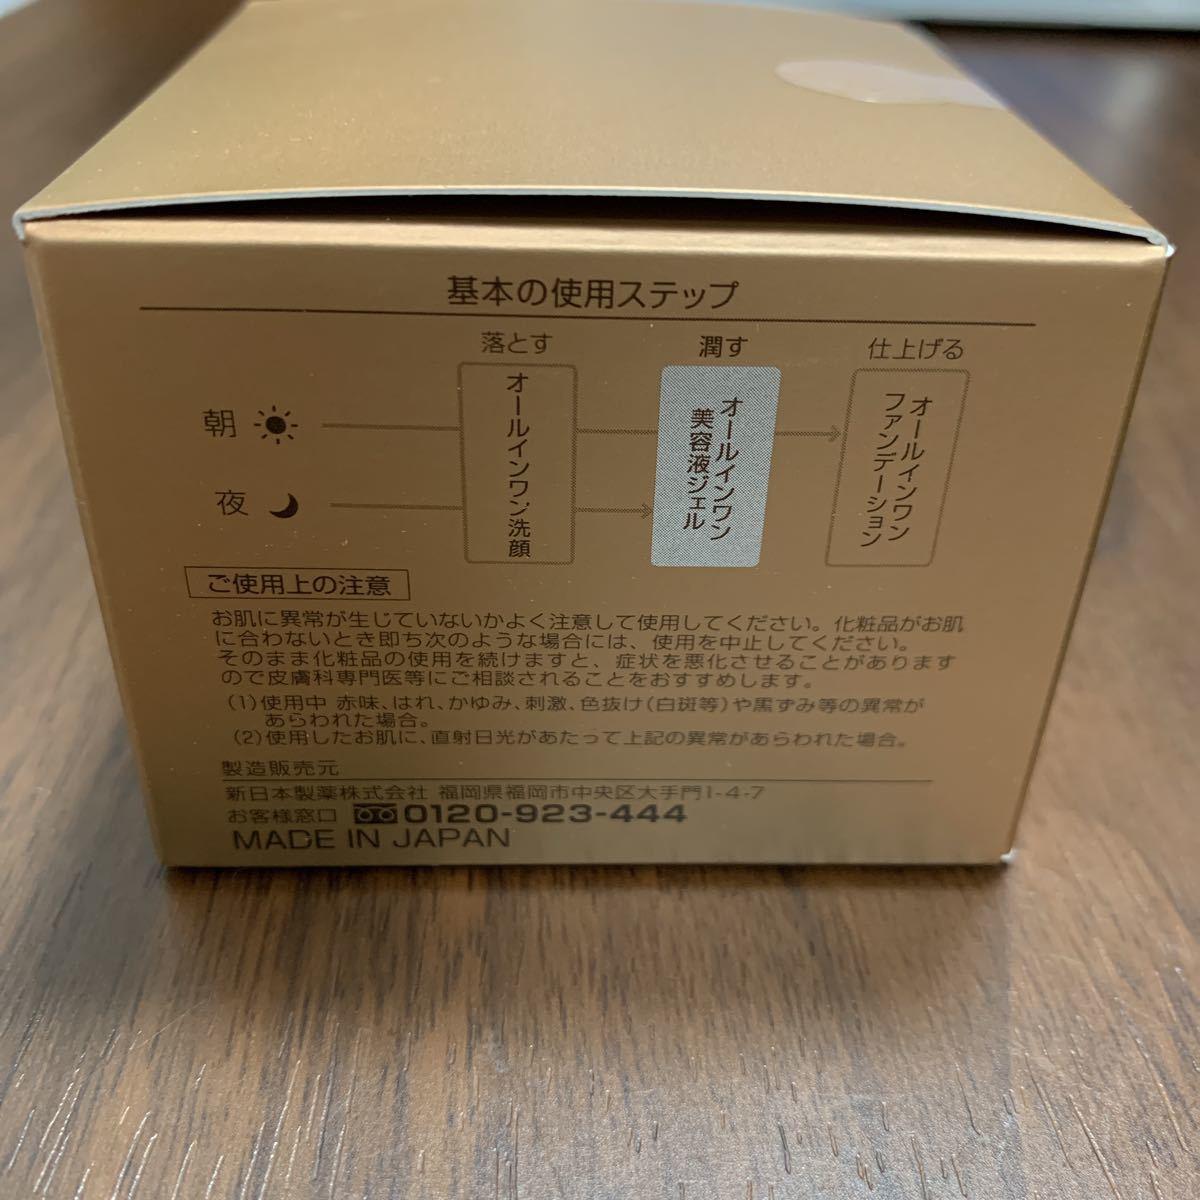 新品未開封 パーフェクトワン 薬用リンクルストレッチジェル 50g×2箱セット